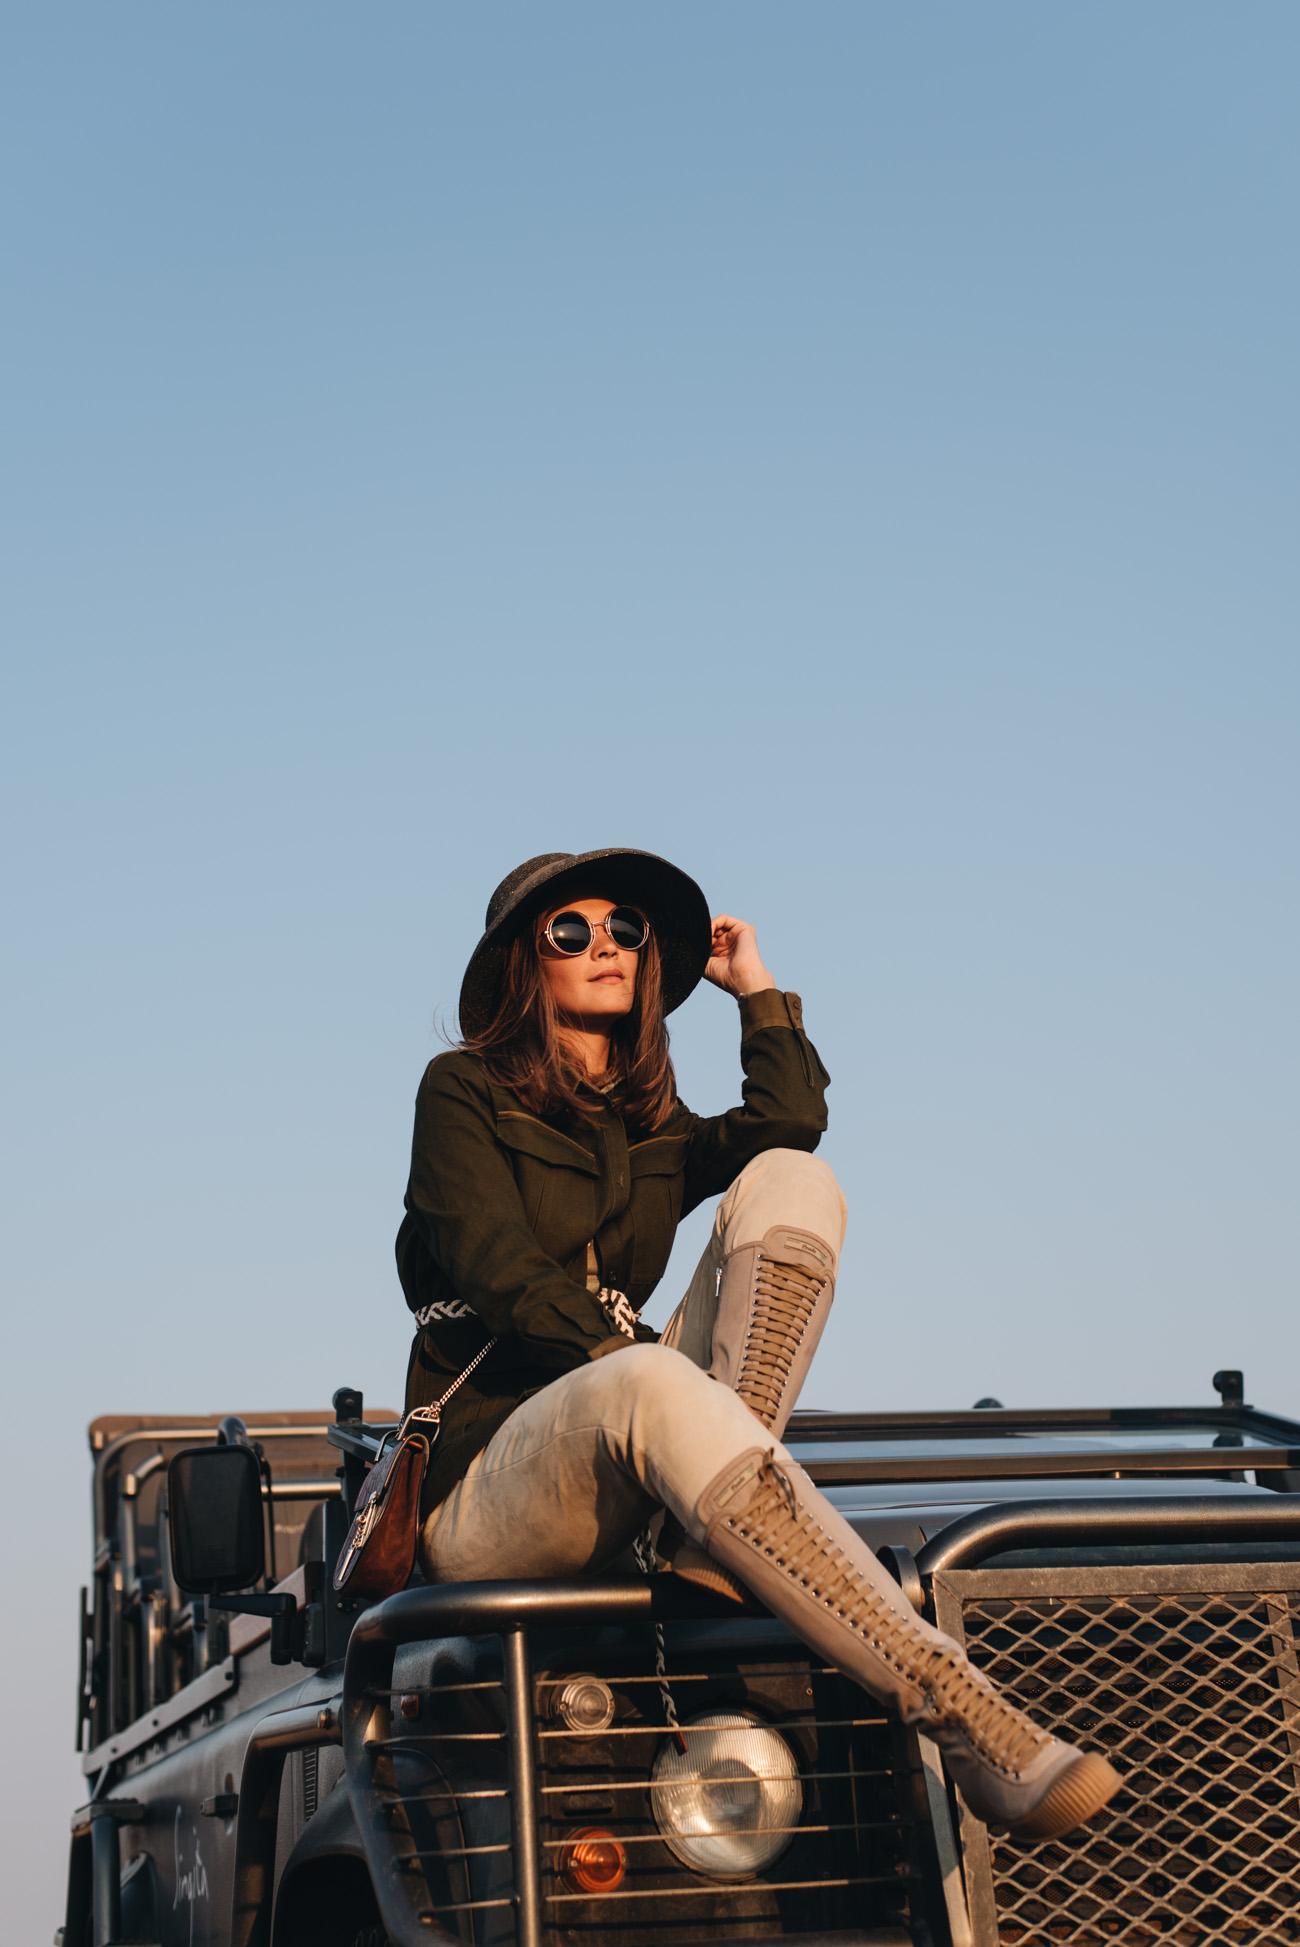 Singita-Safari-Krüger-Nationalpark-südafrika-lebombo-und-sweni-lodge-hotelbericht-erfahrung-reise-tipps-und-tricks-für-eine-safarireise-travel-blogger-nina-schwichtenberg-fashiioncarpet